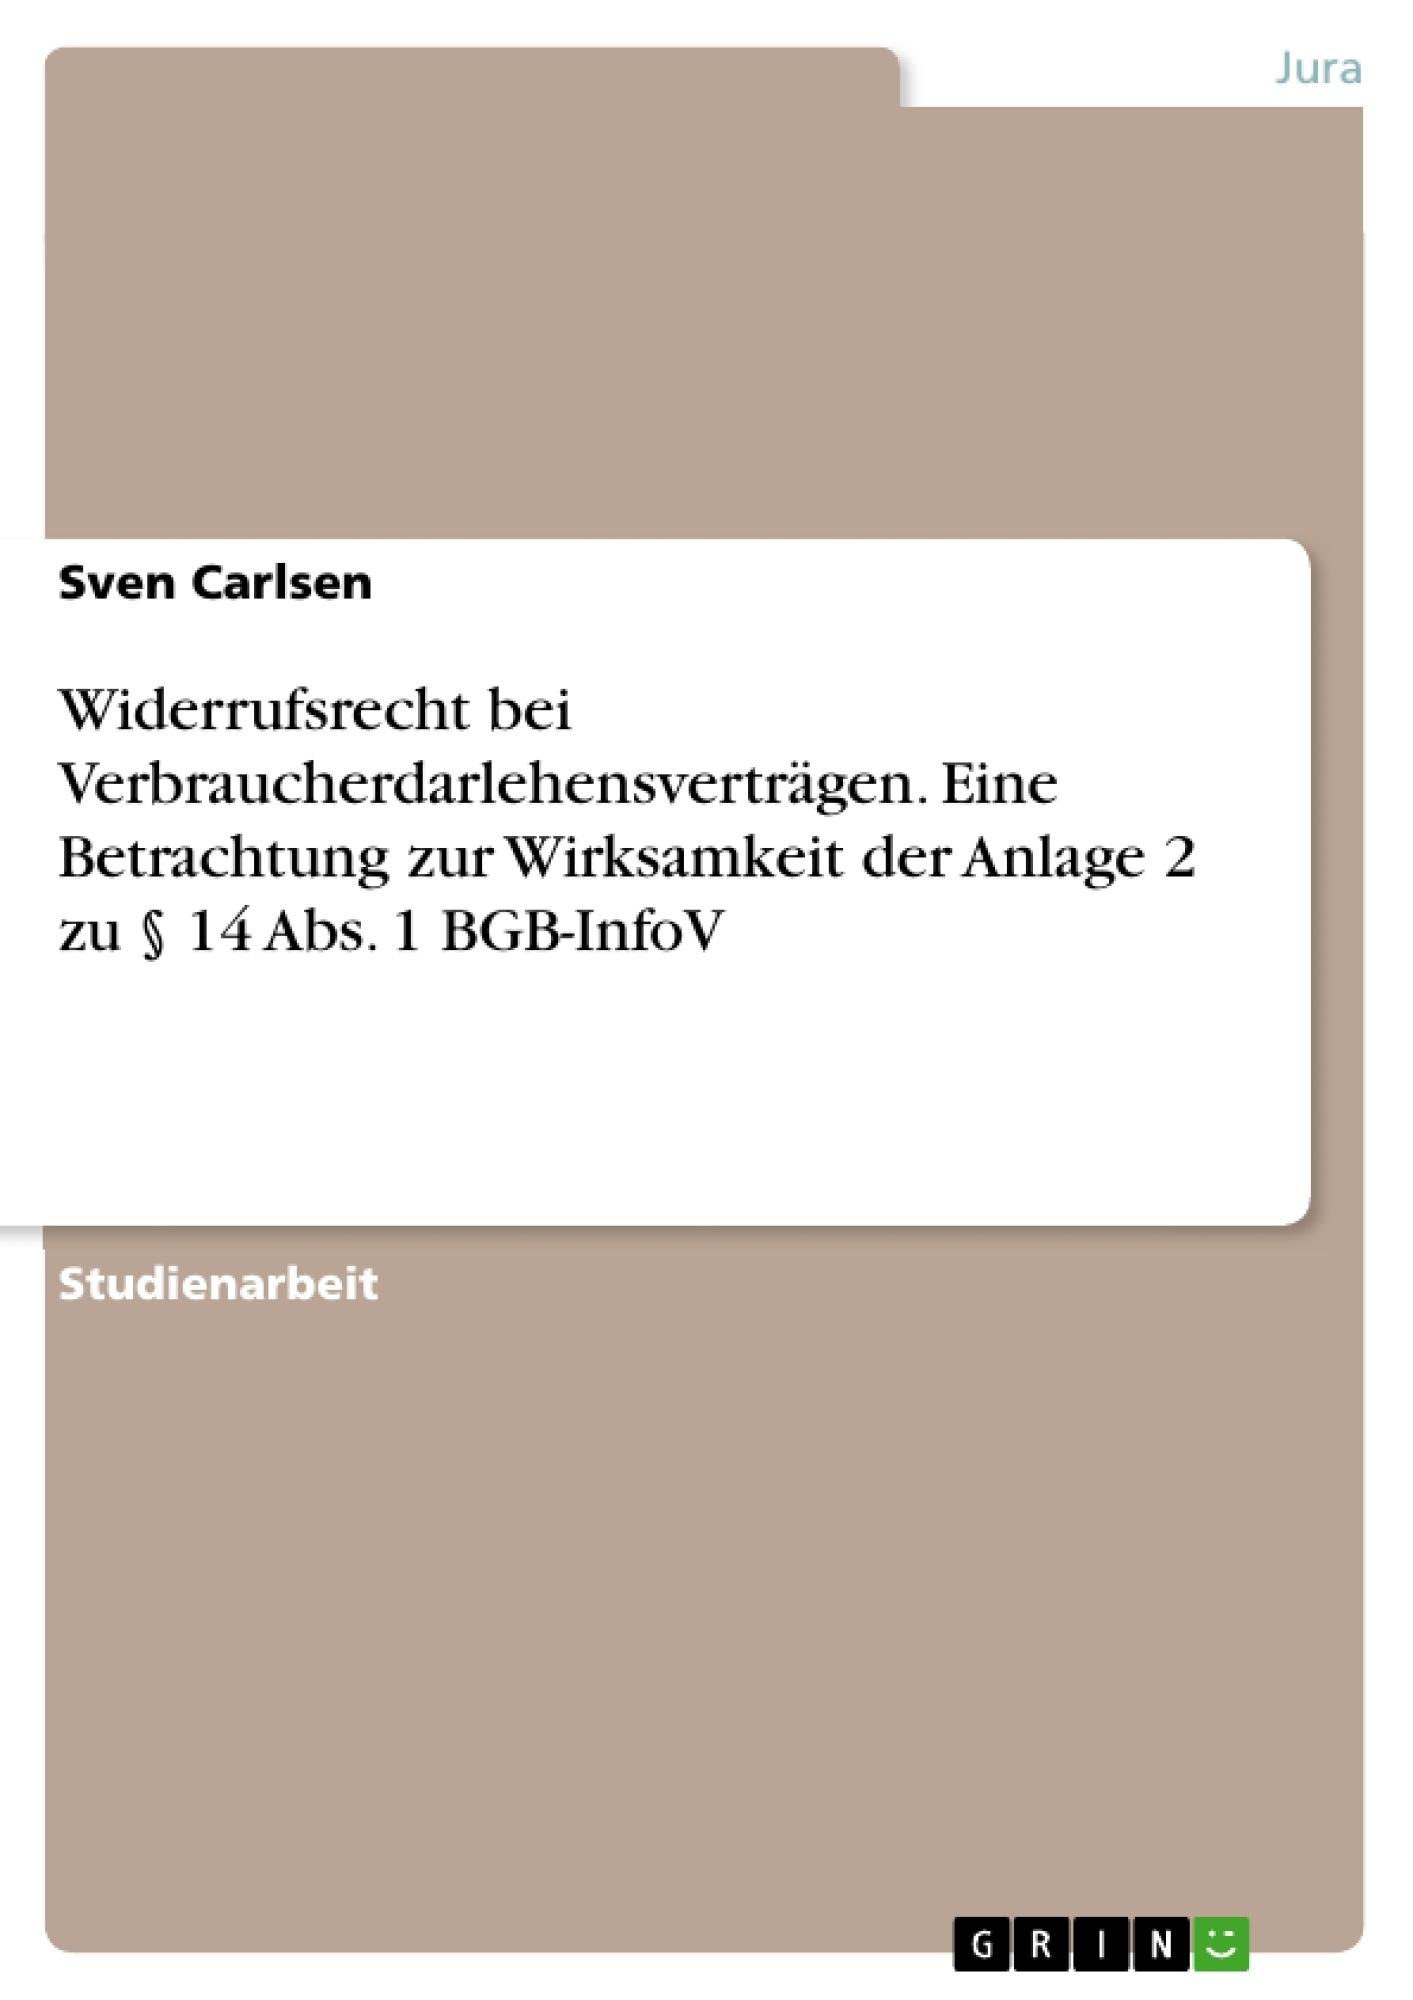 Titel: Widerrufsrecht bei Verbraucherdarlehensverträgen. Eine Betrachtung zur Wirksamkeit der Anlage 2 zu § 14 Abs. 1 BGB-InfoV